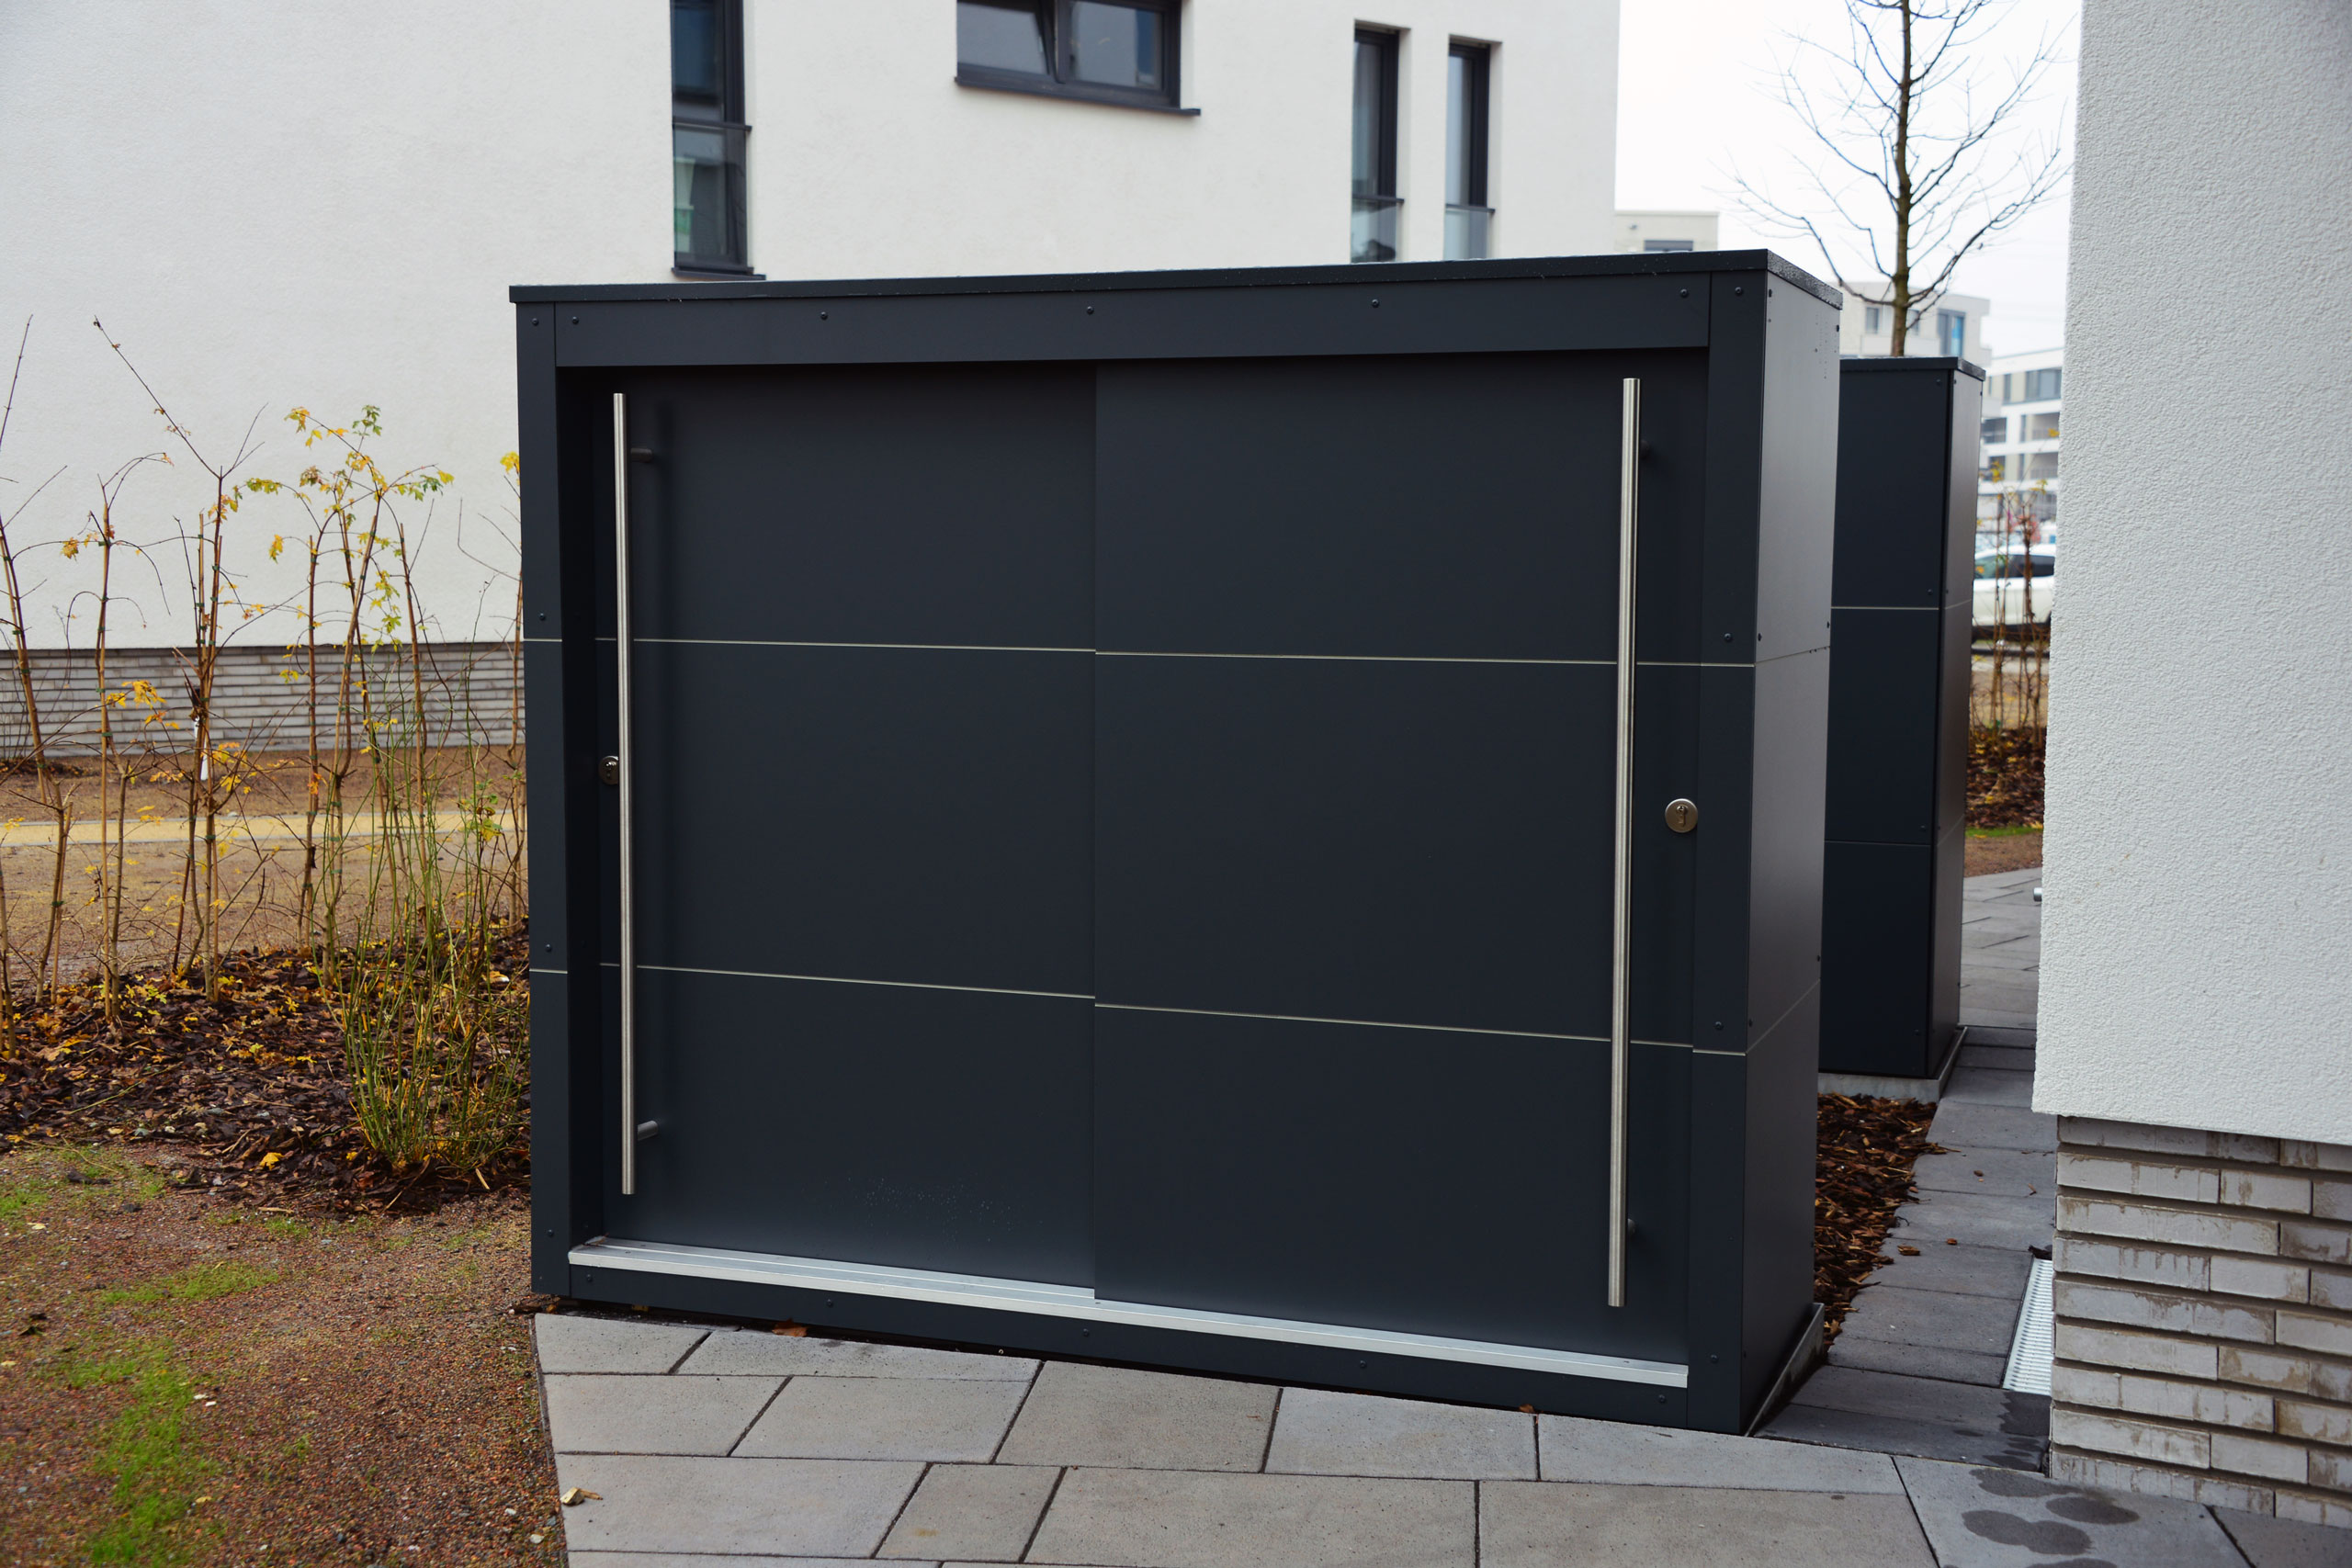 Großes KABINETT – Design Gartenschrank Projekt für eine exklusive Wohnanlage in Riedberg